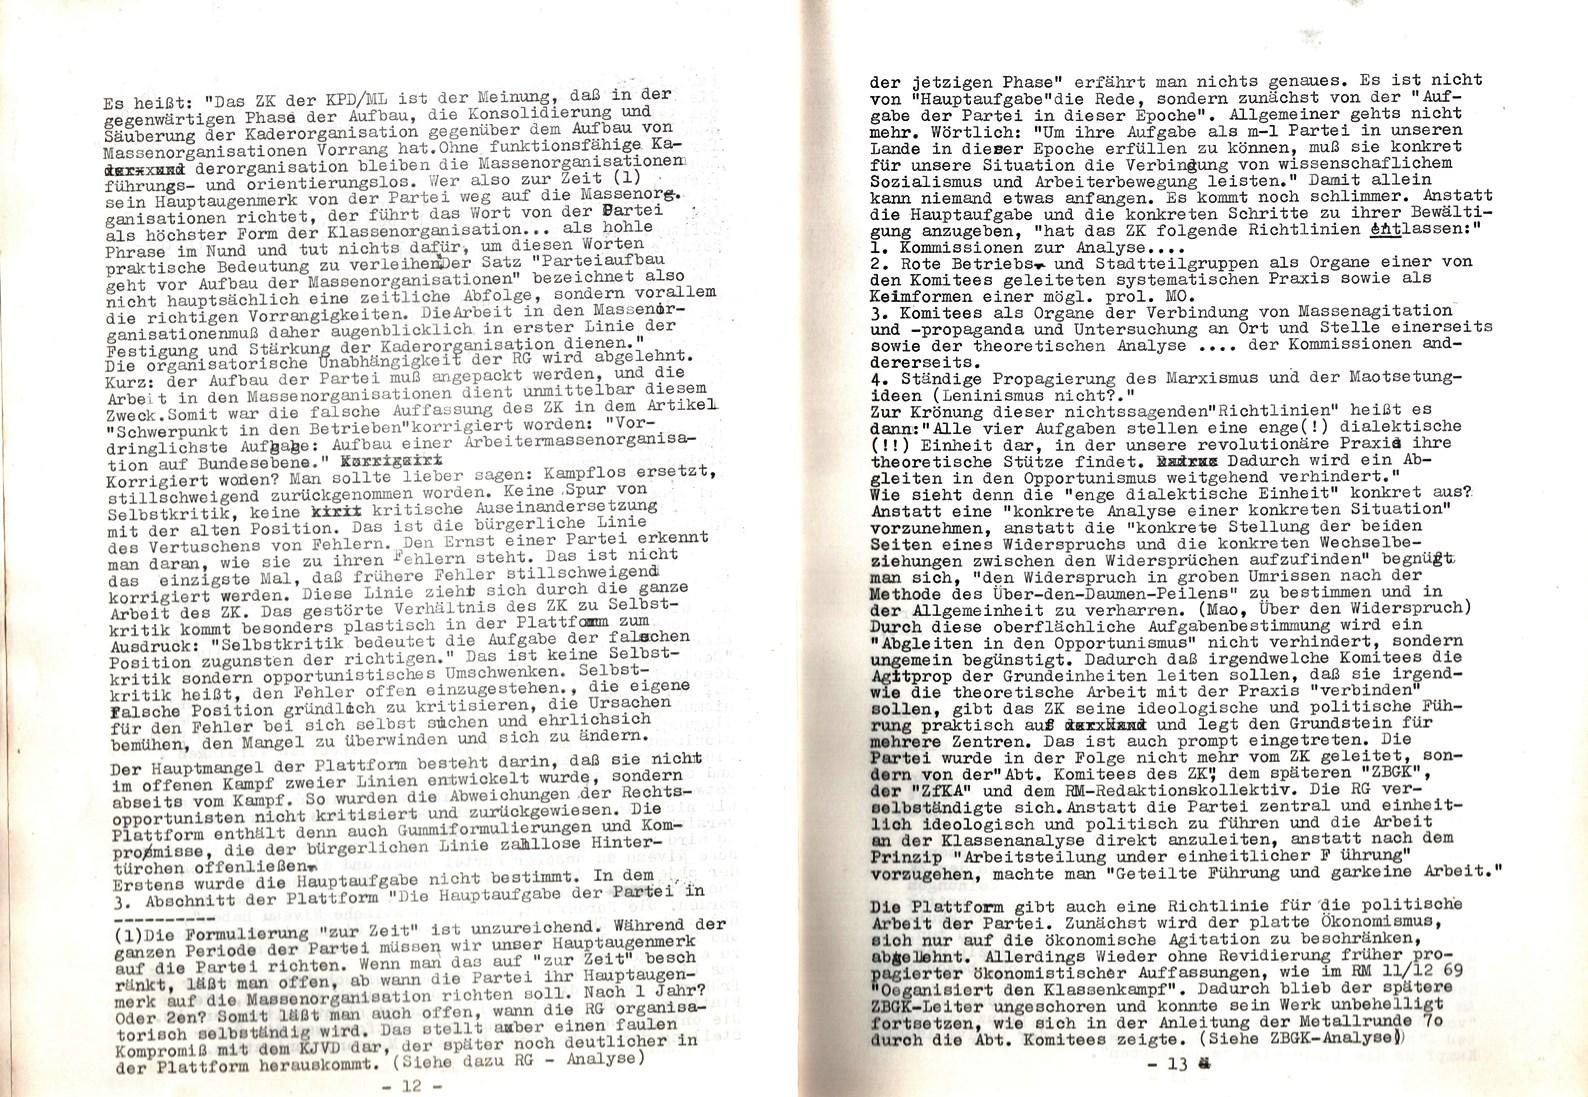 KPDML_1971_Analysen_und_Antraege_des_LV_Sued_West_011